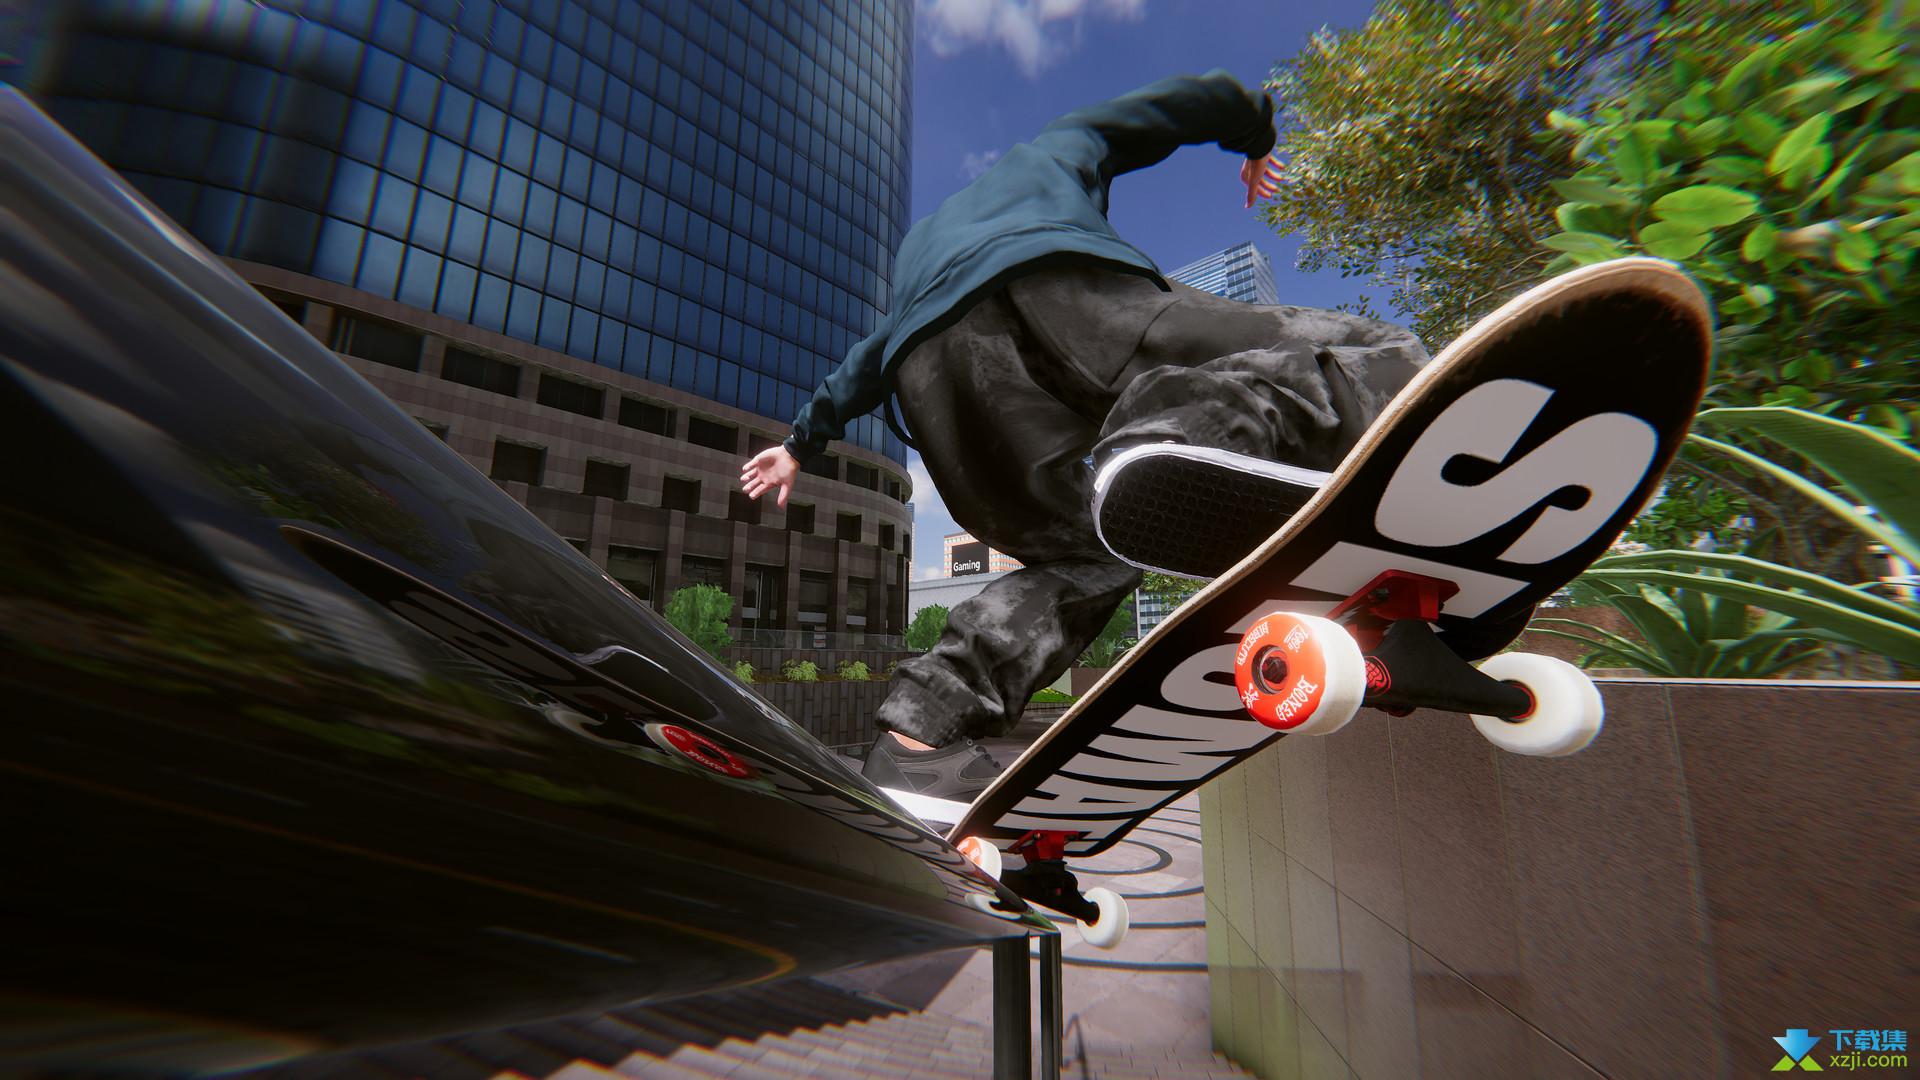 滑板XL界面1